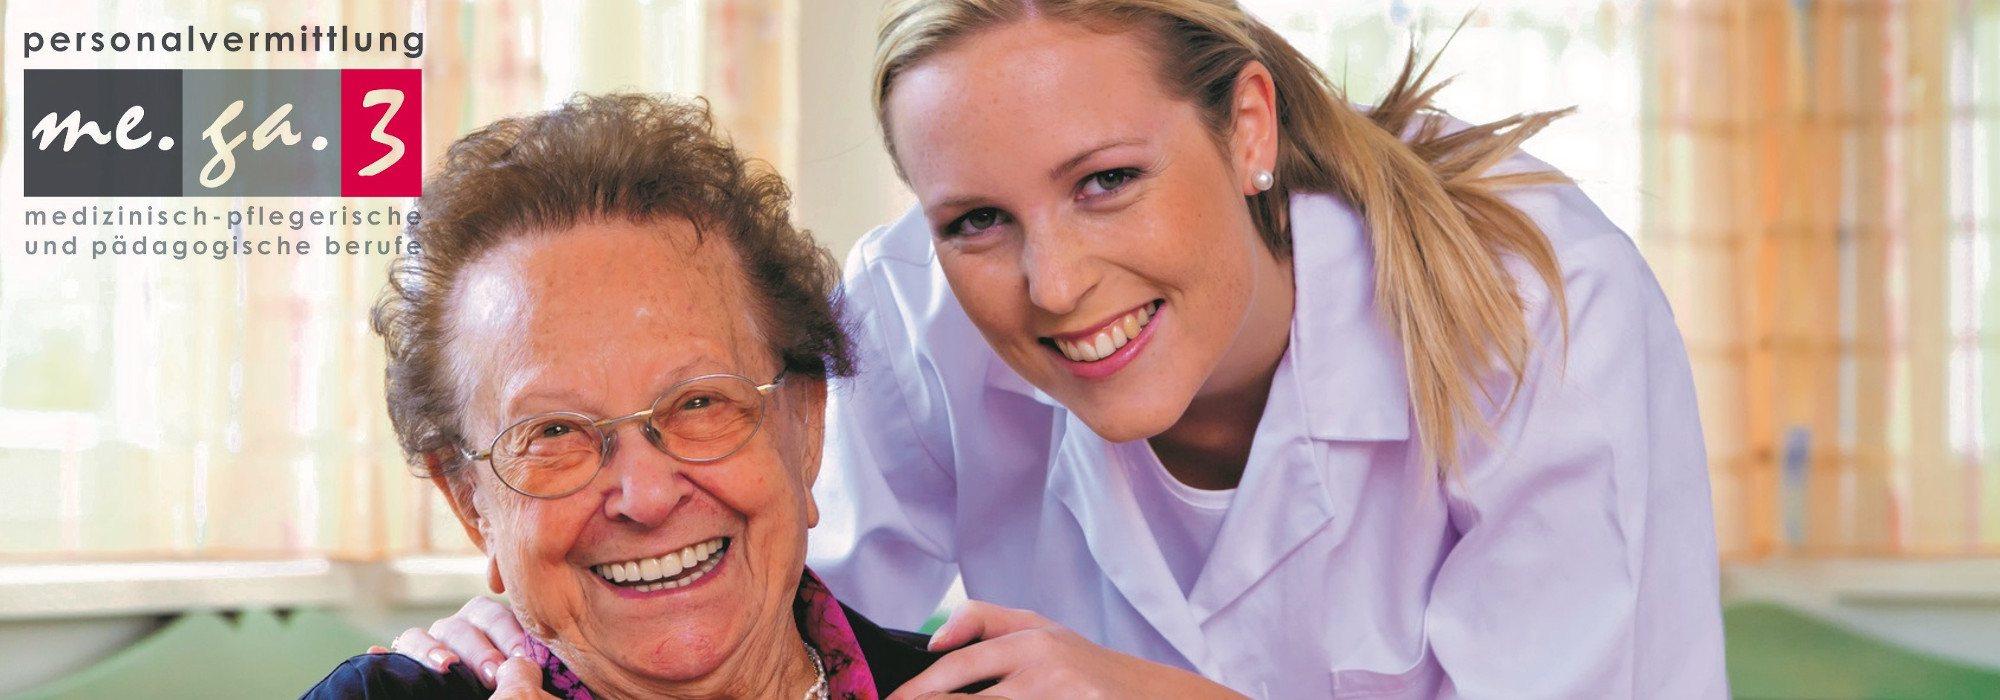 Alte Dame mit Pflegerin